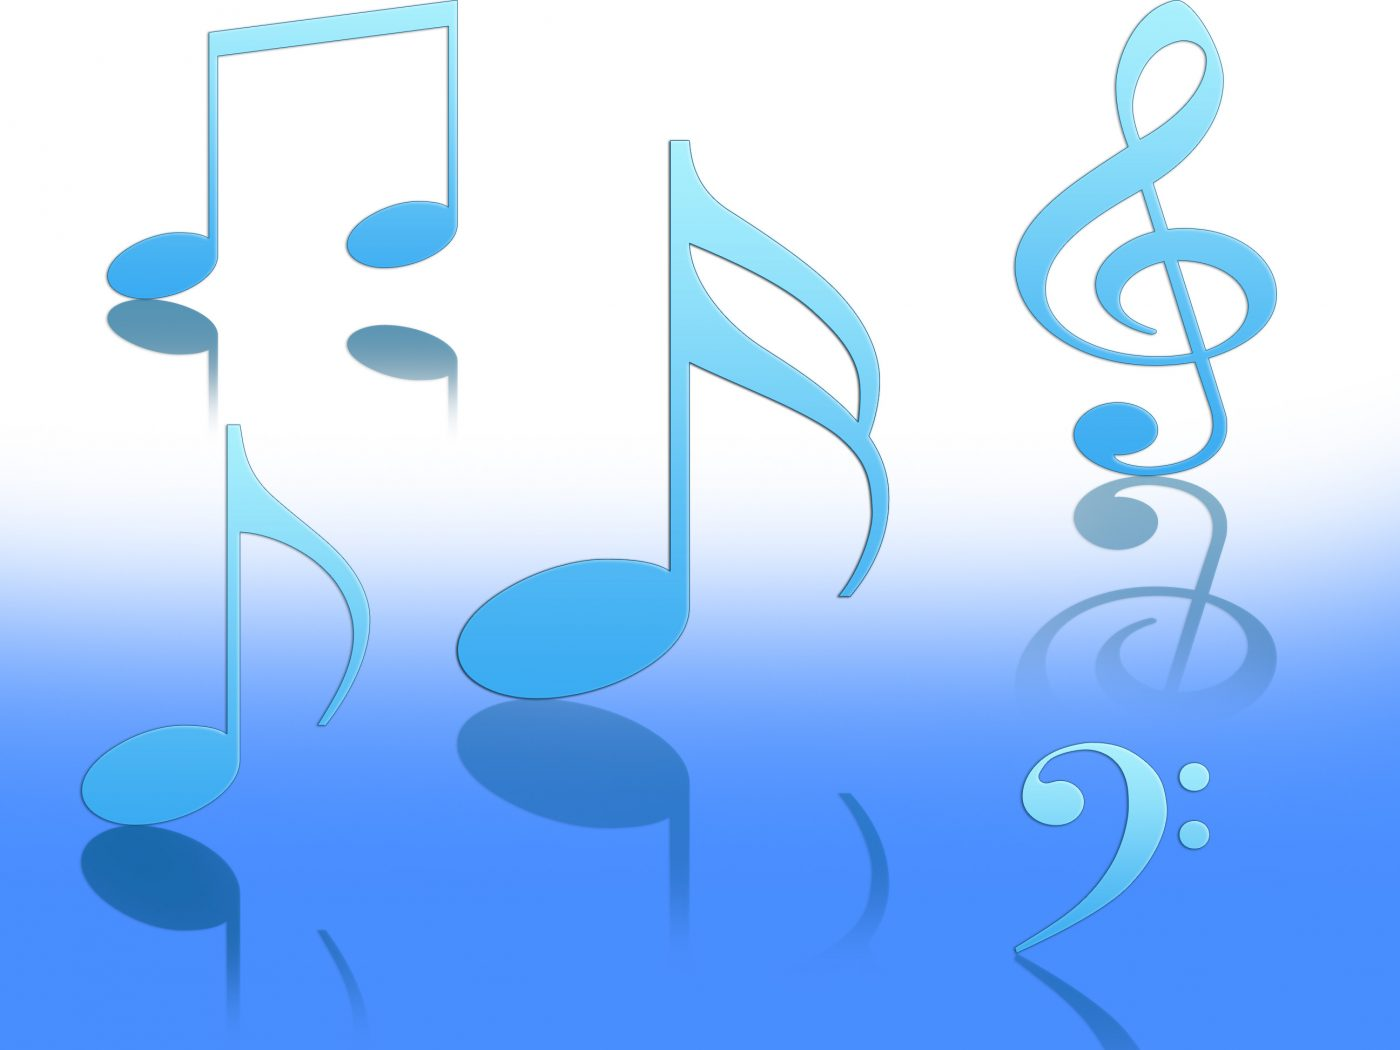 music-signs-1-1185680-freeimagaes-by-iancu-oaida